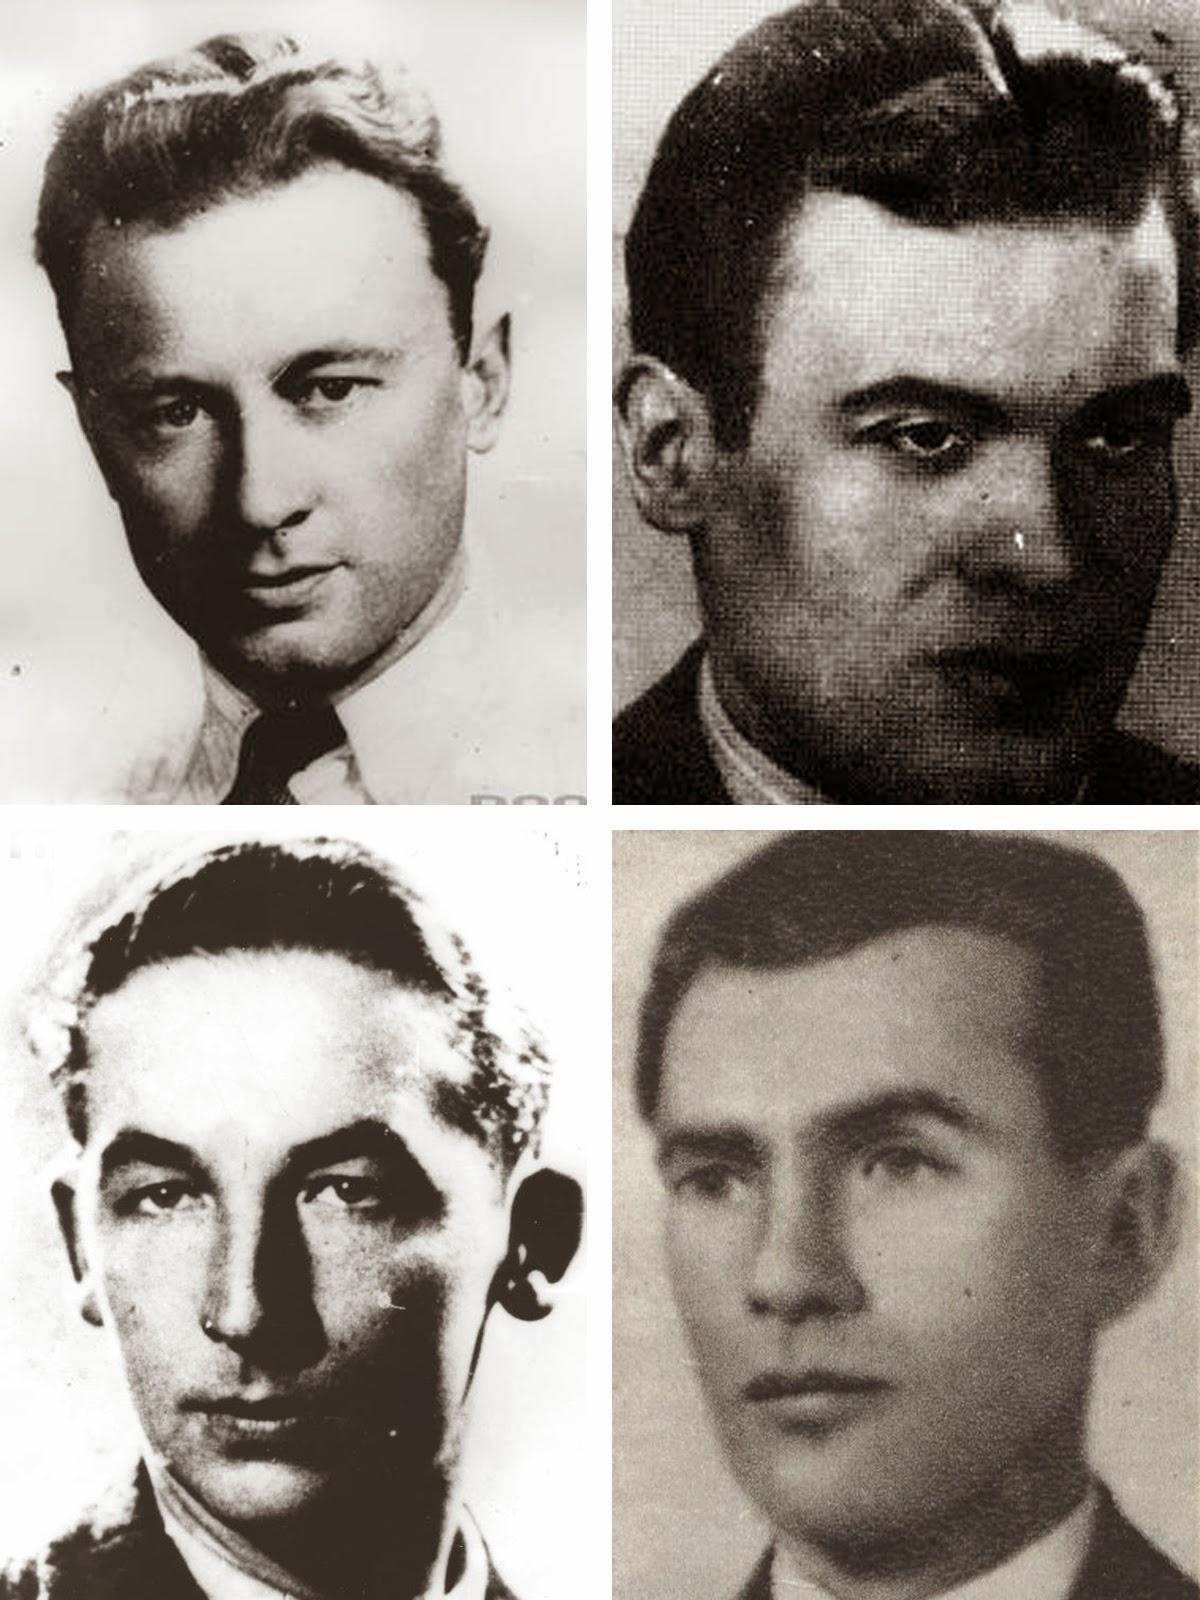 Uczestnicy zrzutu koło Końskich 30/31 marzec 1942 (brakuje fotografii Stefana Majewicza ps. Hruby i Piotra Motylewicza ps. Krzemień). Biogramy cichociemnych dostępne są w Wikipedii. Foto. NAC i Wikipedia.